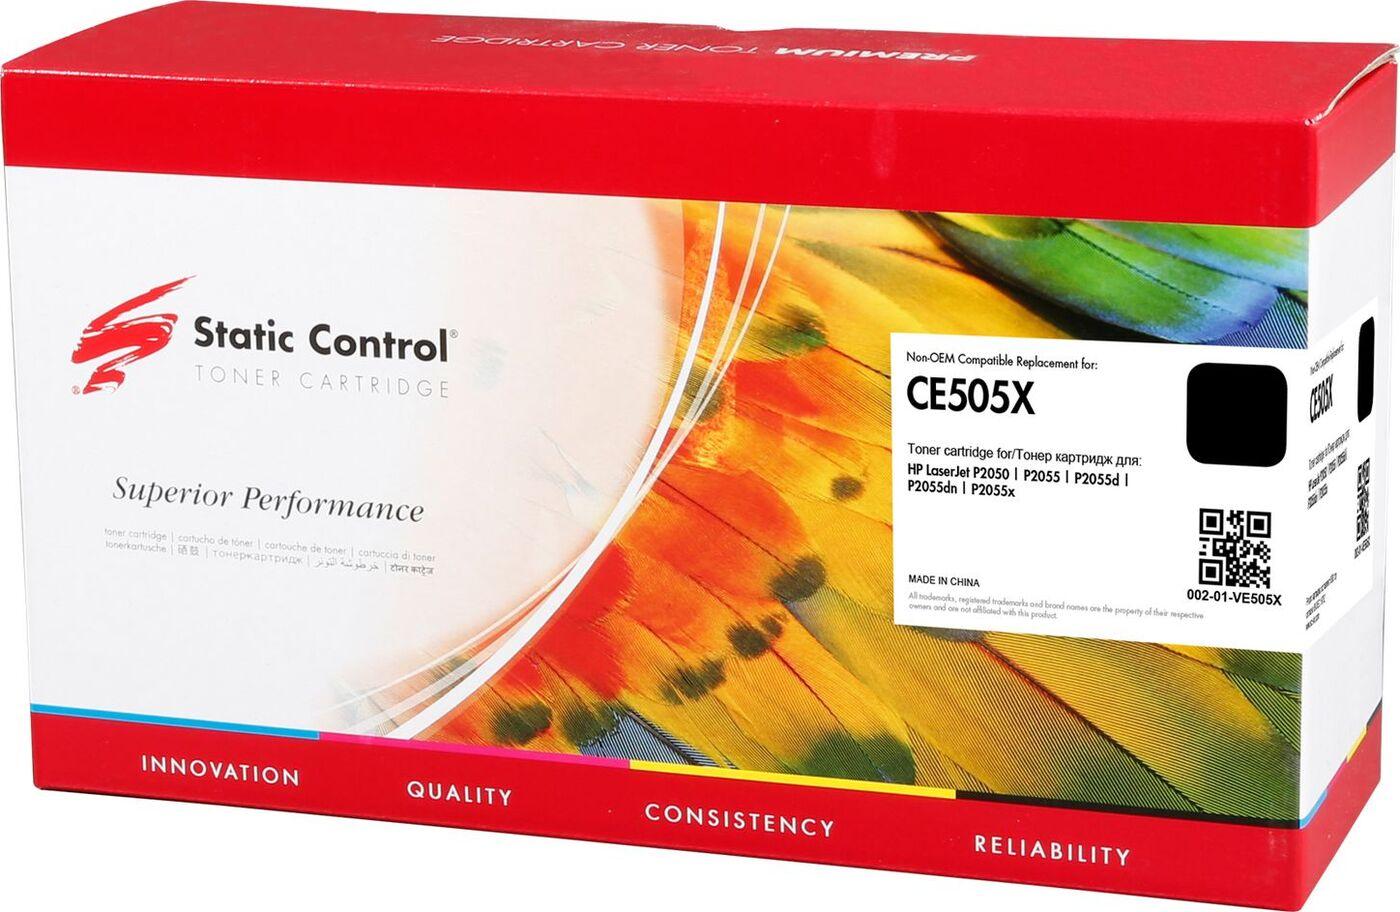 Картридж Static Control CE505X, черный, для лазерного принтера картридж ce505x